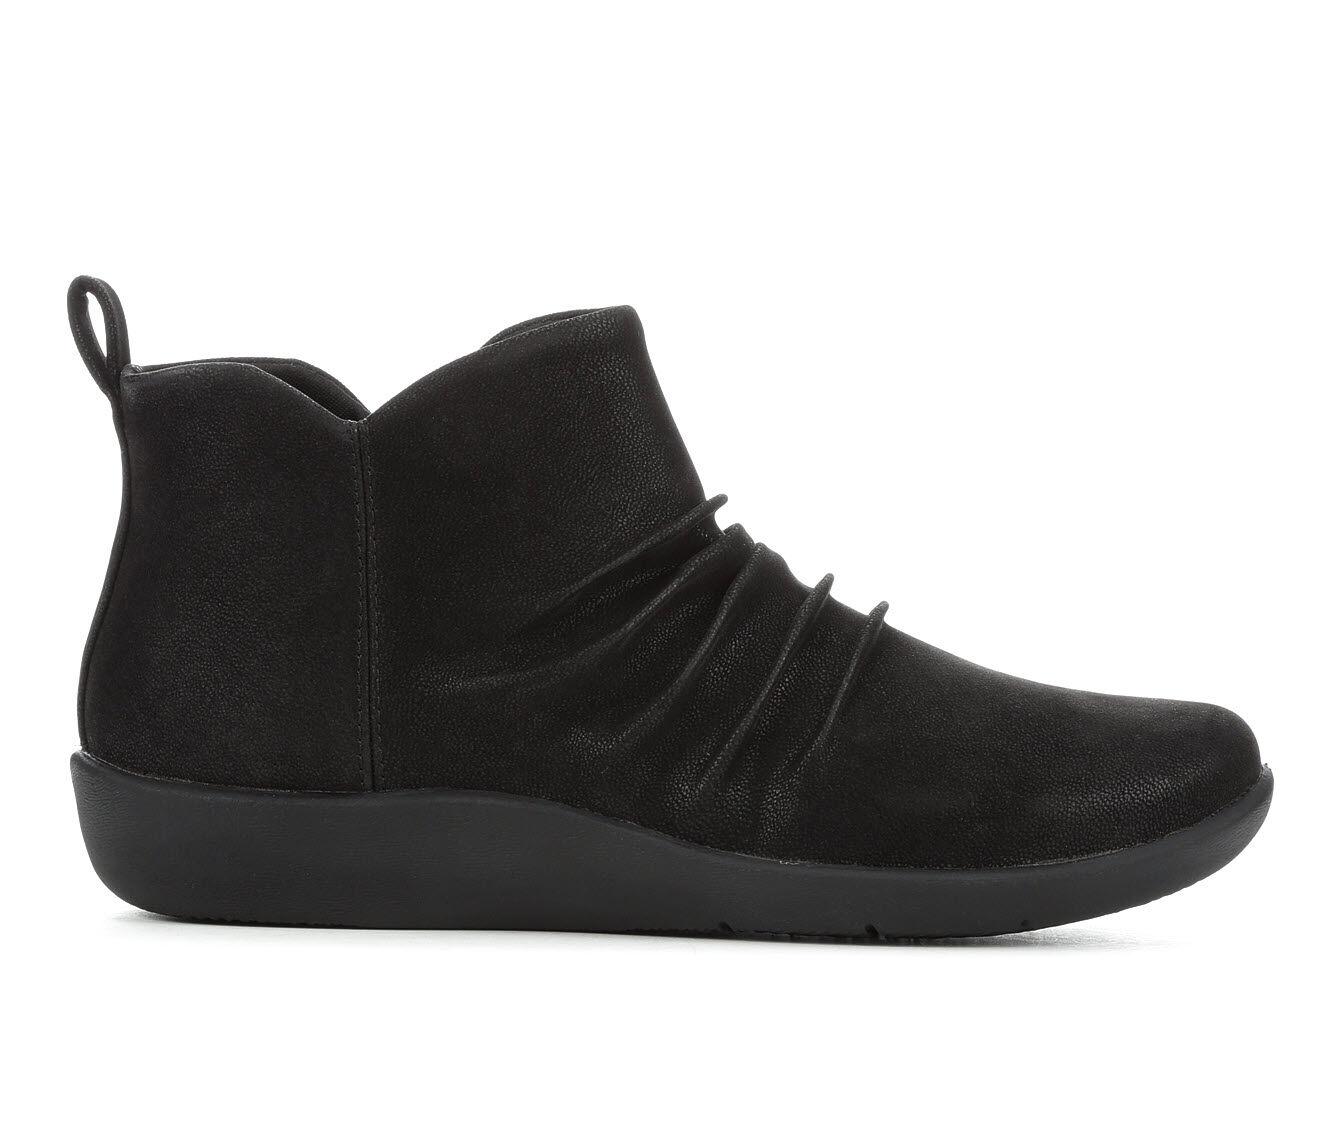 Clarks Wide Width Shoes   Shoe Carnival